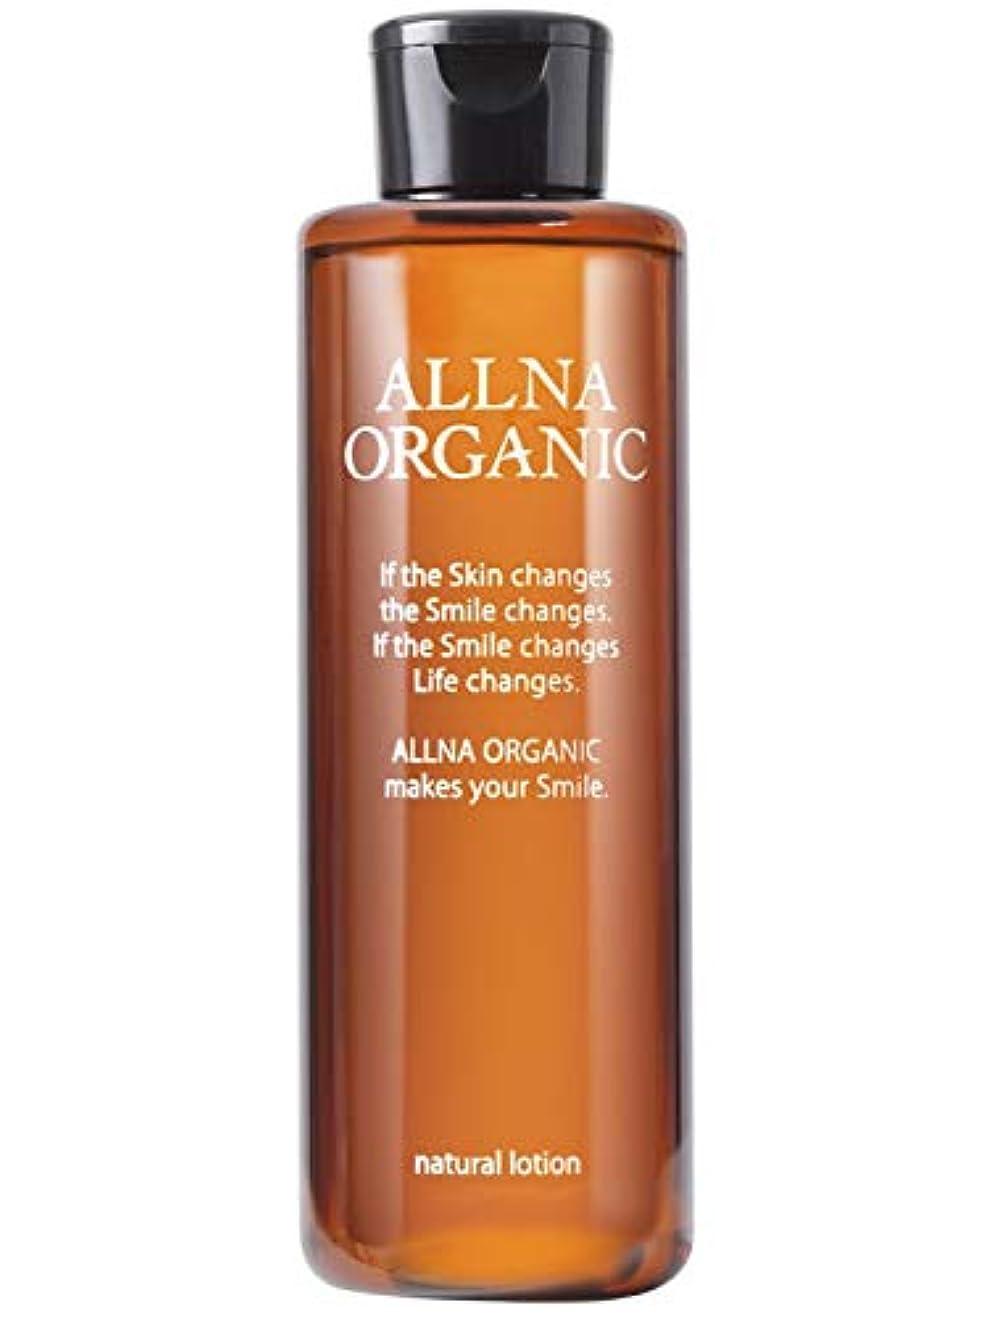 元に戻す反対に表面的なオルナ オーガニック 化粧水 「 保湿 乾燥 かさつき 用」「 コラーゲン ビタミンC誘導体 ヒアルロン酸 セラミド 配合」200ml